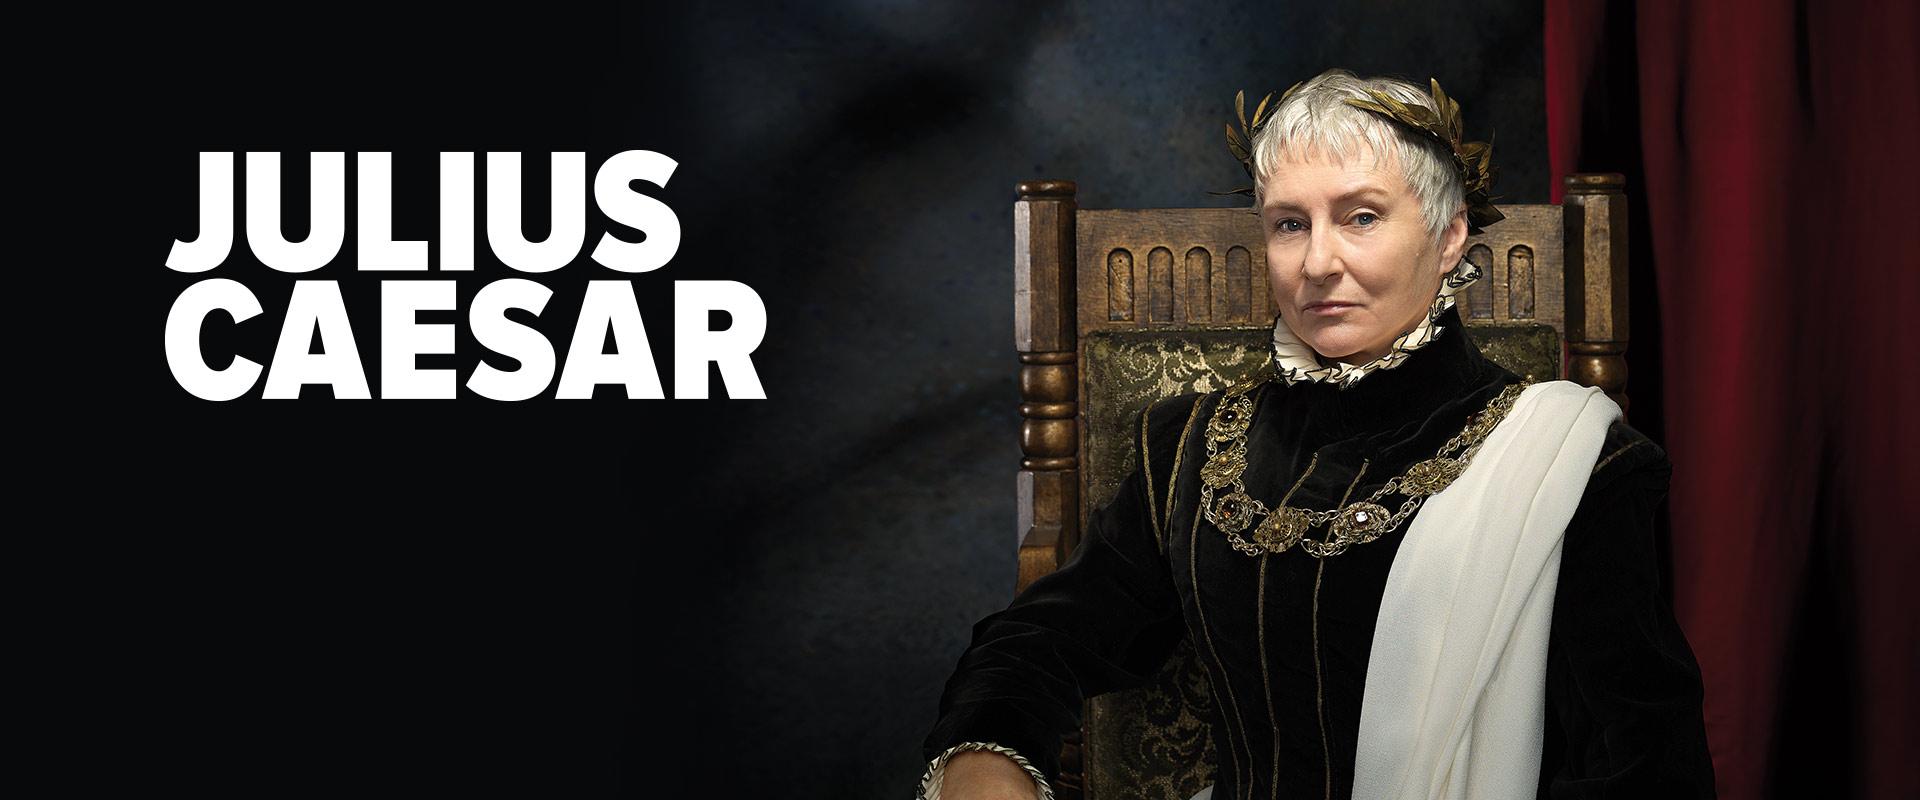 Publicity image from Julius Caesar